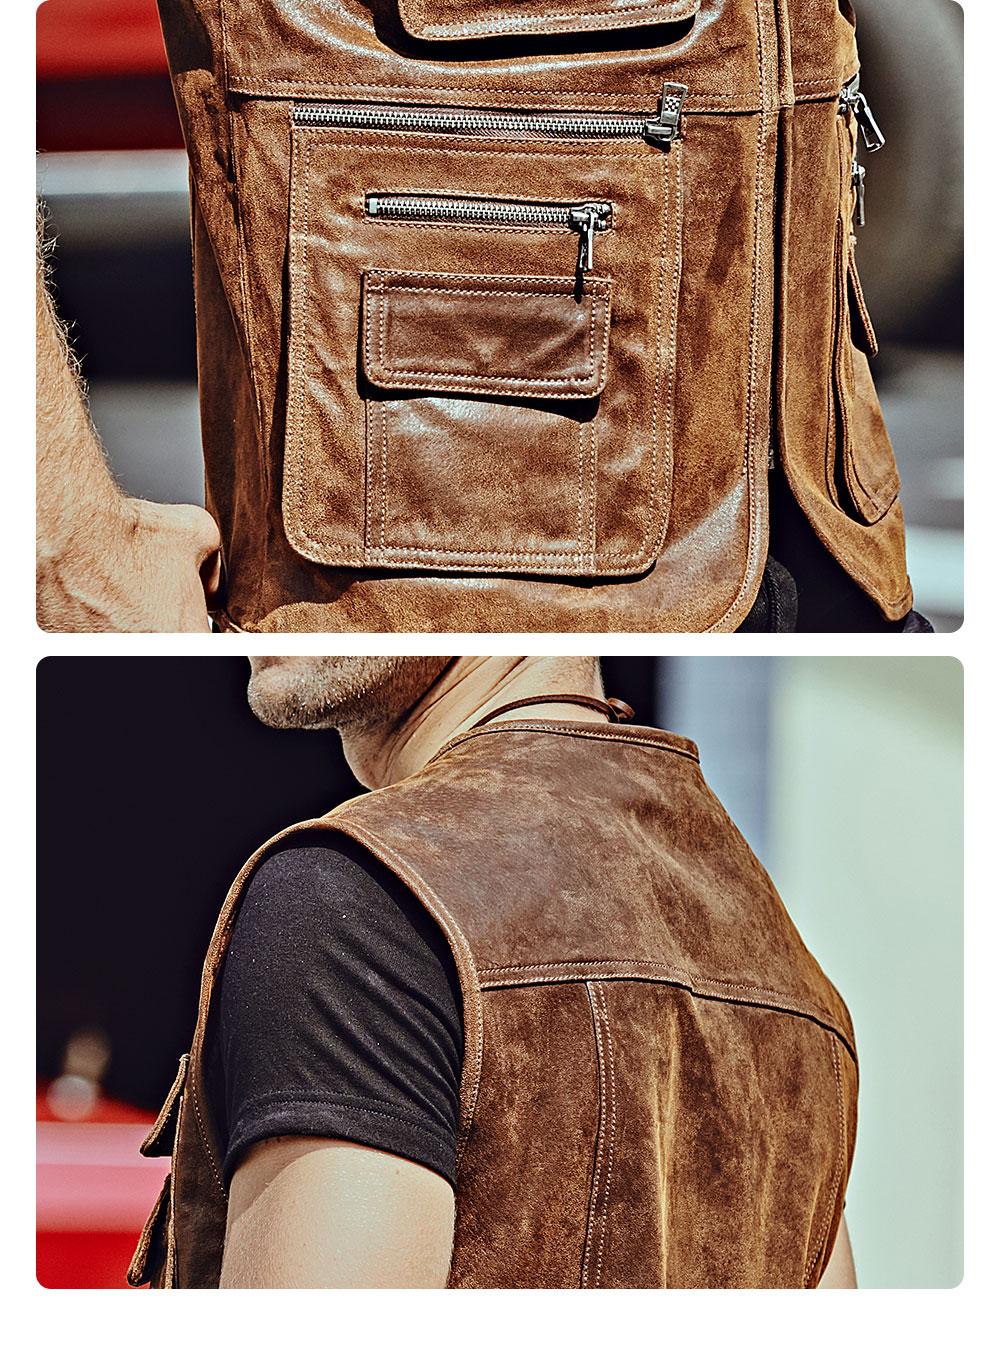 H2bba4eb5e5d14152bcba93368deae54e5 FLAVOR New Men's Real Leather Vest Men's Motorcycle Fishing Outdoor Travel Vests